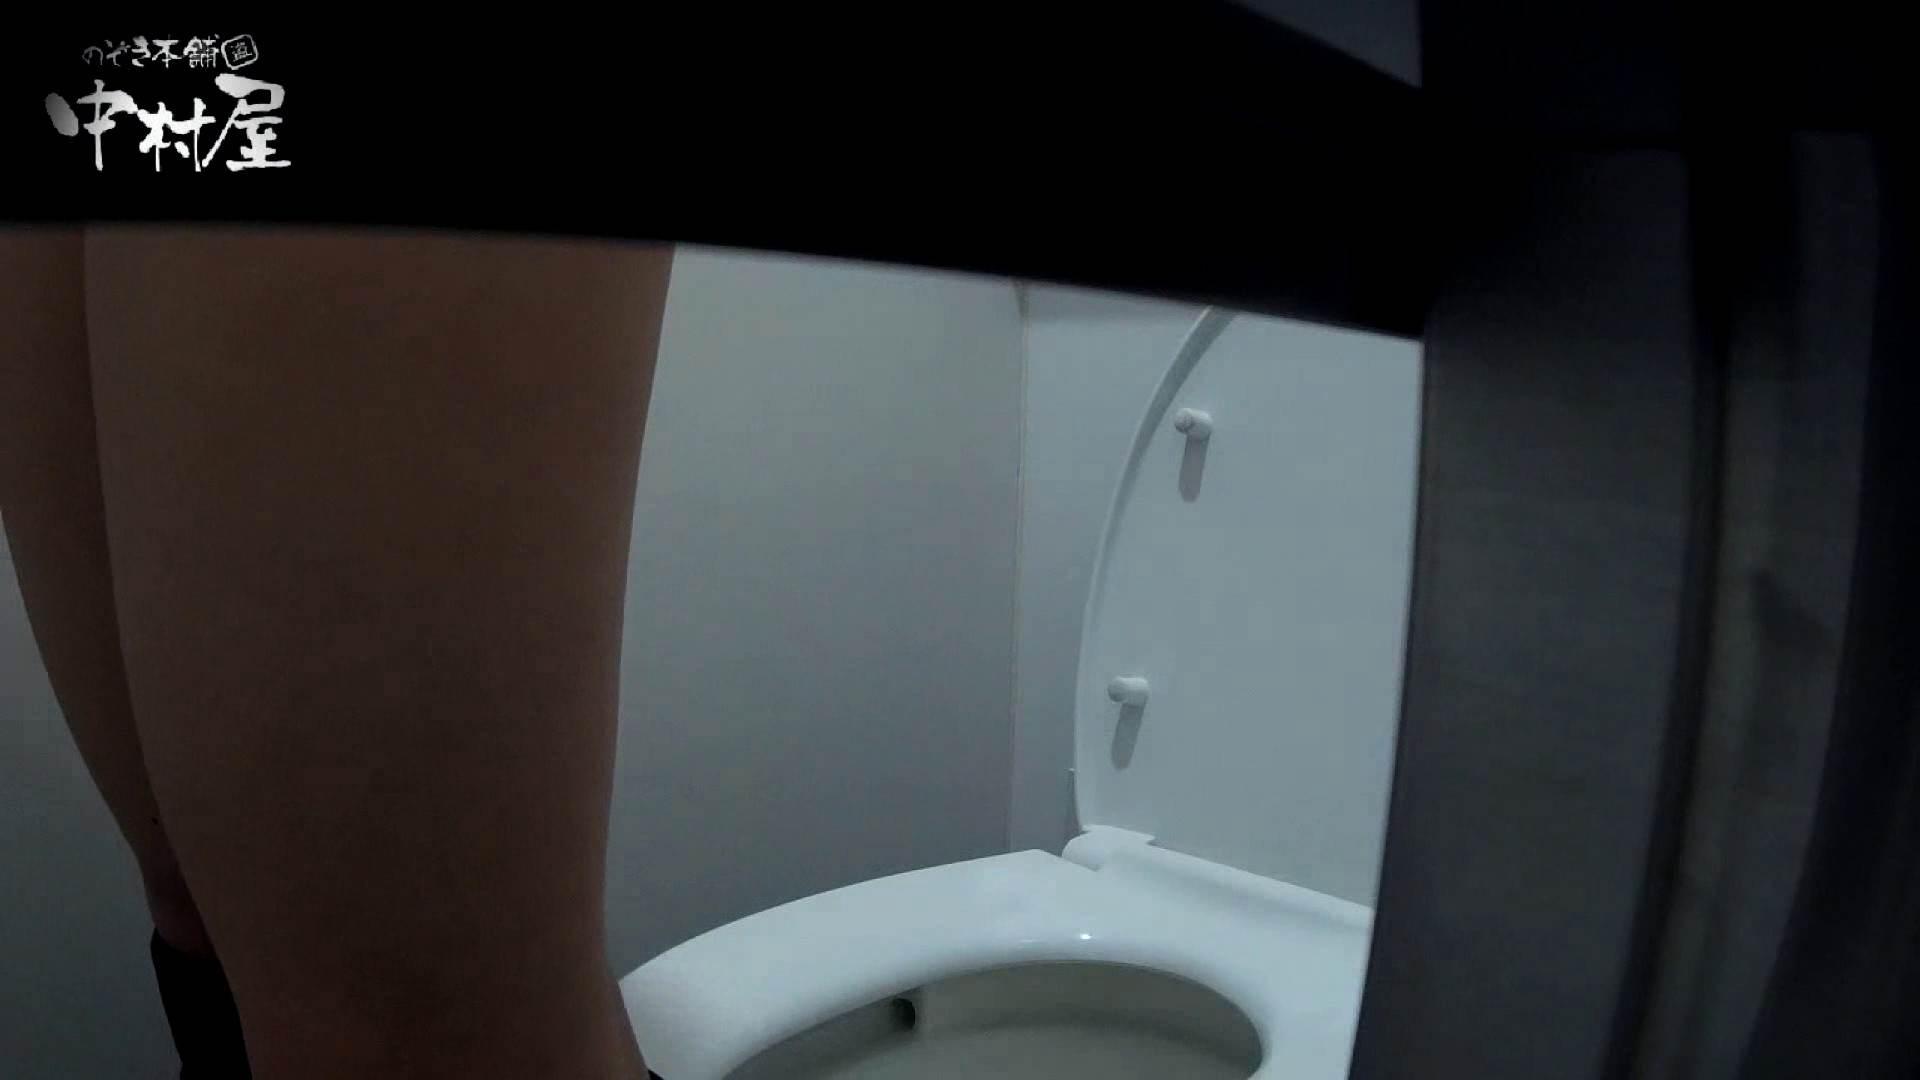 【某有名大学女性洗面所】有名大学女性洗面所 vol.40 ??おまじない的な動きをする子がいます。 和式トイレ | 美しいOLの裸体  91pic 46